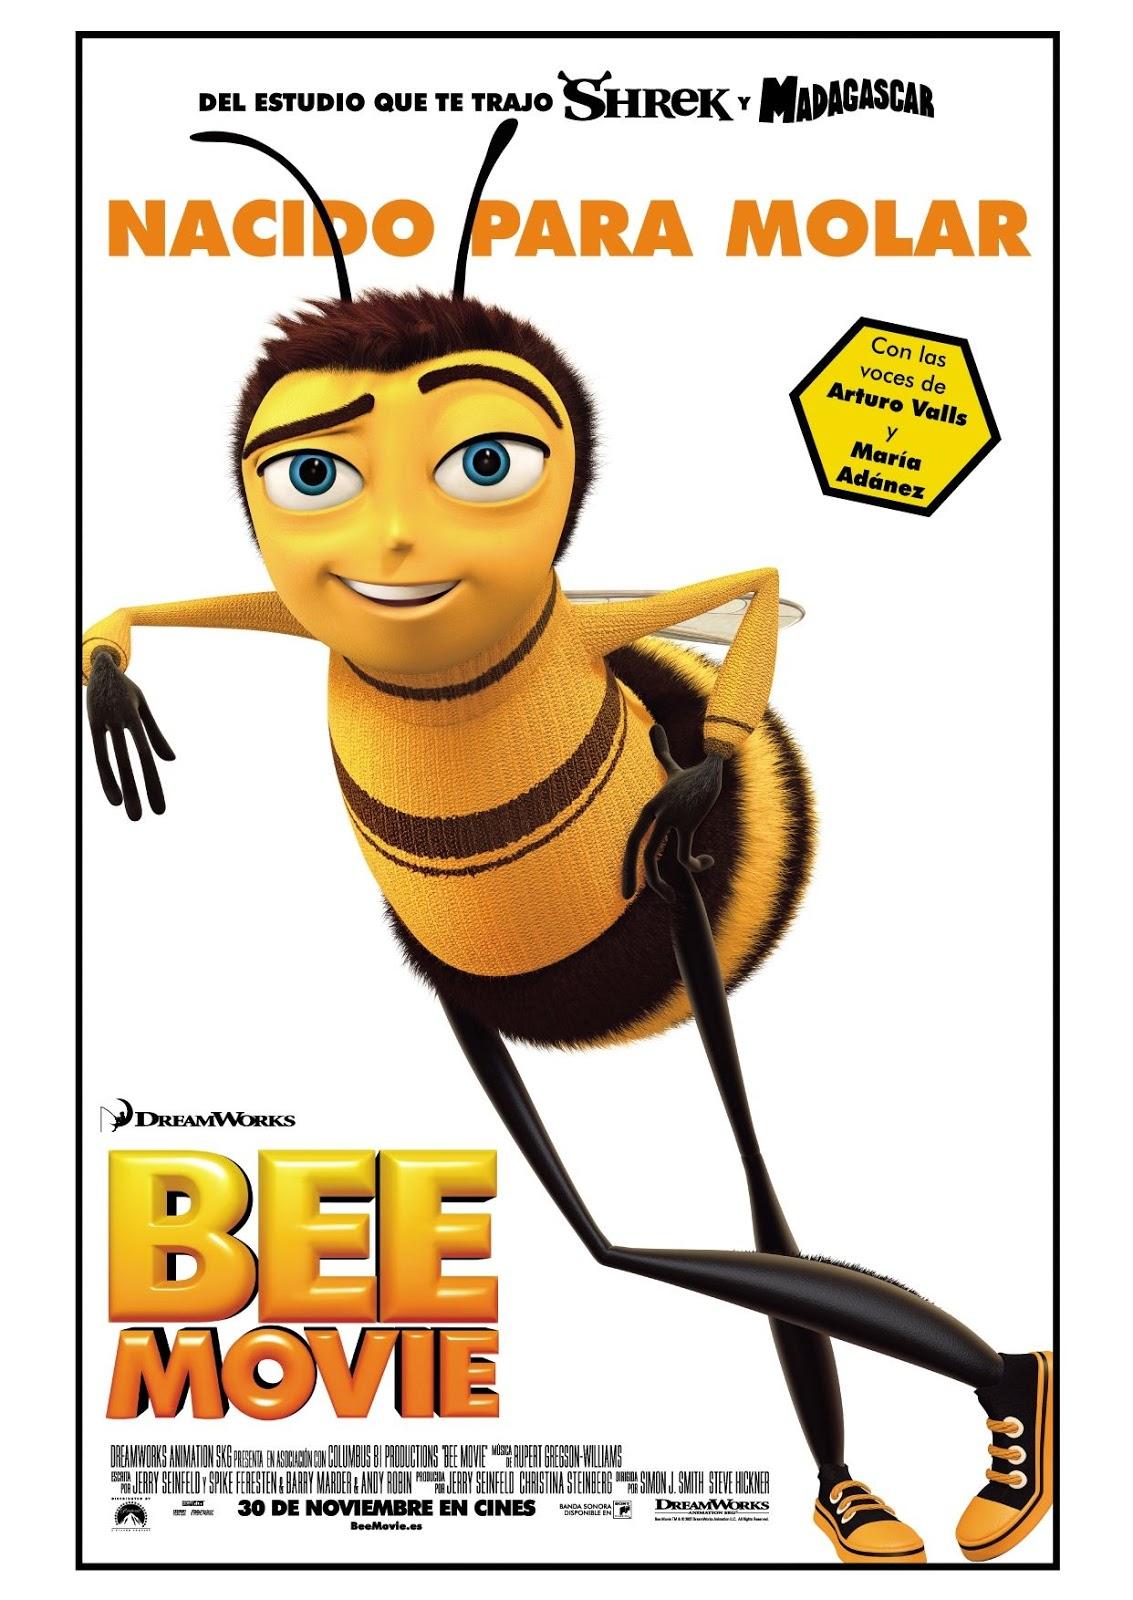 http://4.bp.blogspot.com/-1EFth-l-yZM/UgRNY2xTG0I/AAAAAAAACx4/lueKPIcHo88/s1600/Bee+Movie+Por+Sergio91+-+carteles.jpg